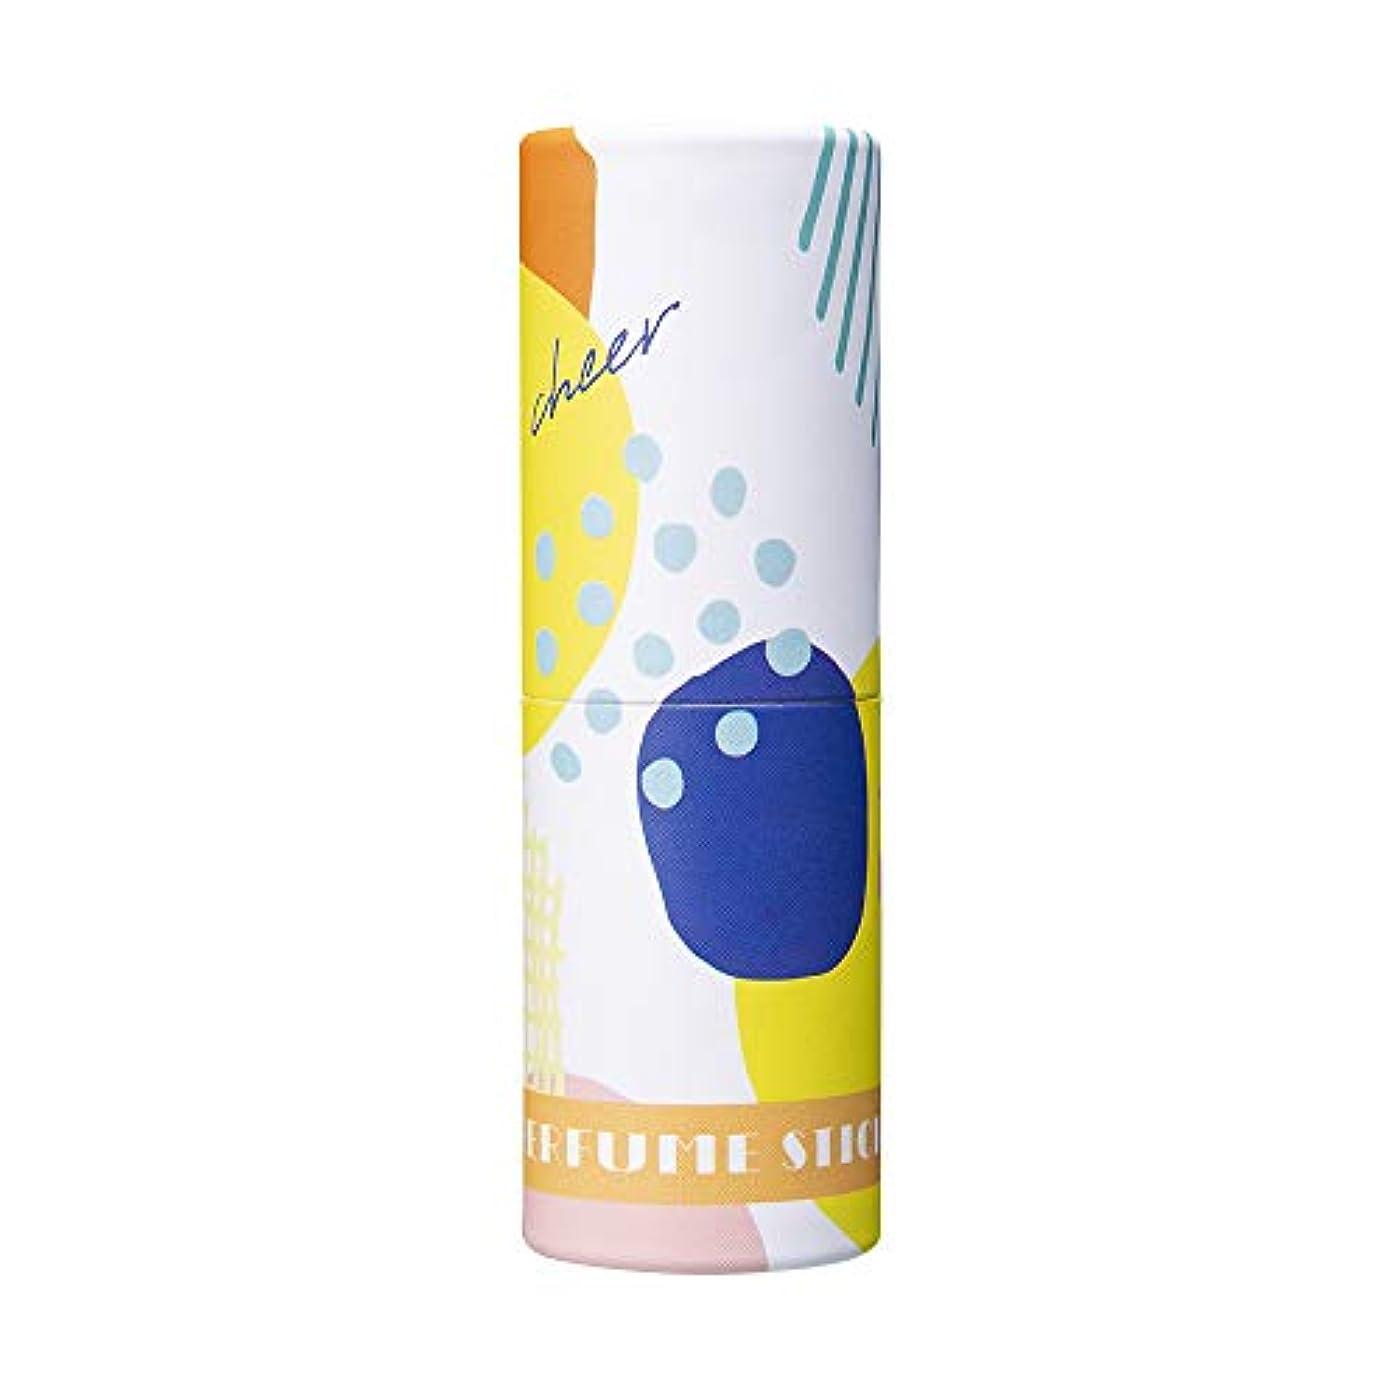 ミキサー明確な販売計画パフュームスティック チアー シトラス&シャボンの香り オリジナルデザイン 5g